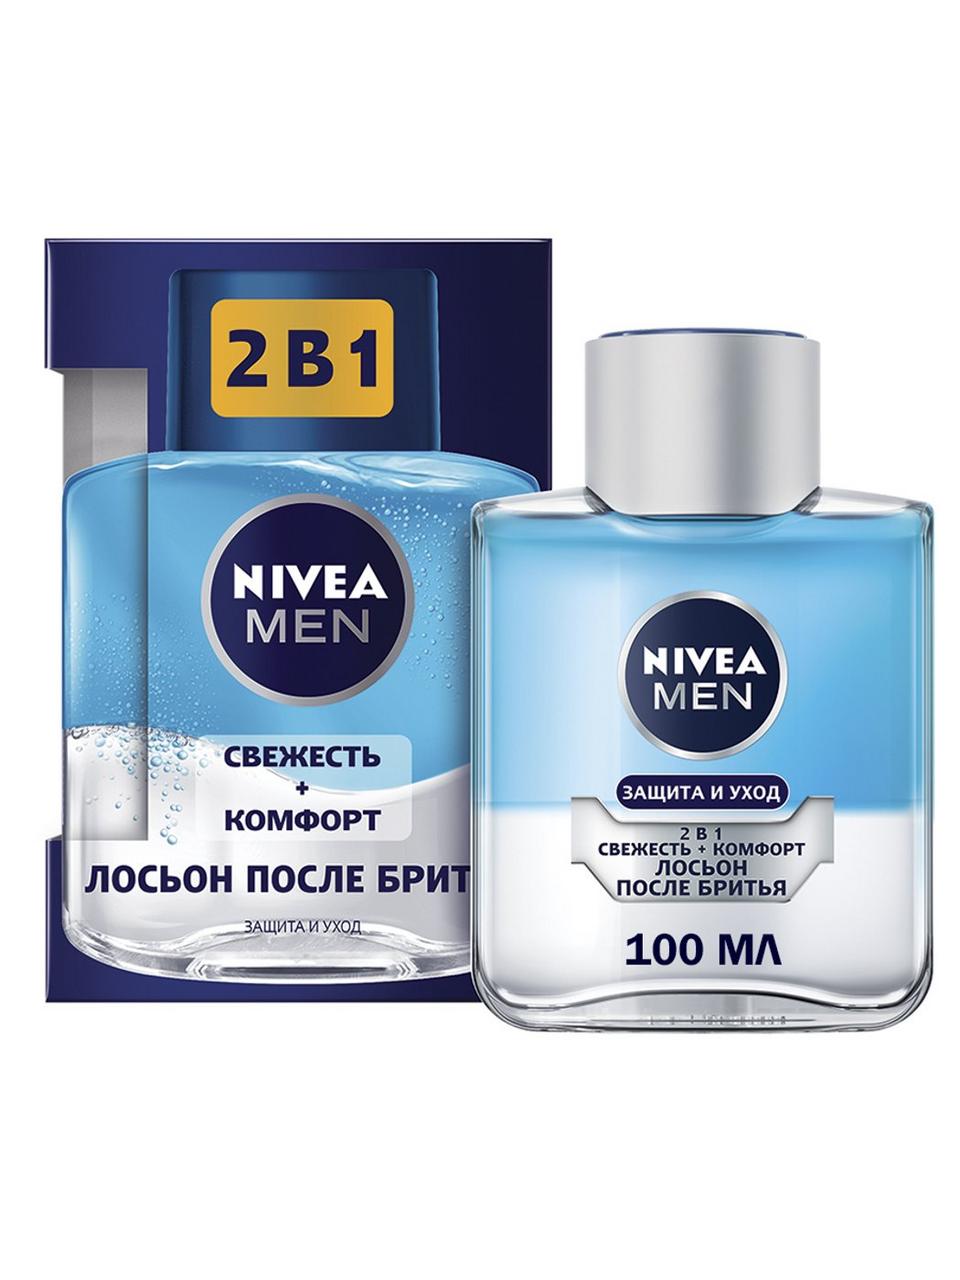 """Лосьон после бритья 2 в 1 """"Свежесть + Комфорт"""" NIVEA"""